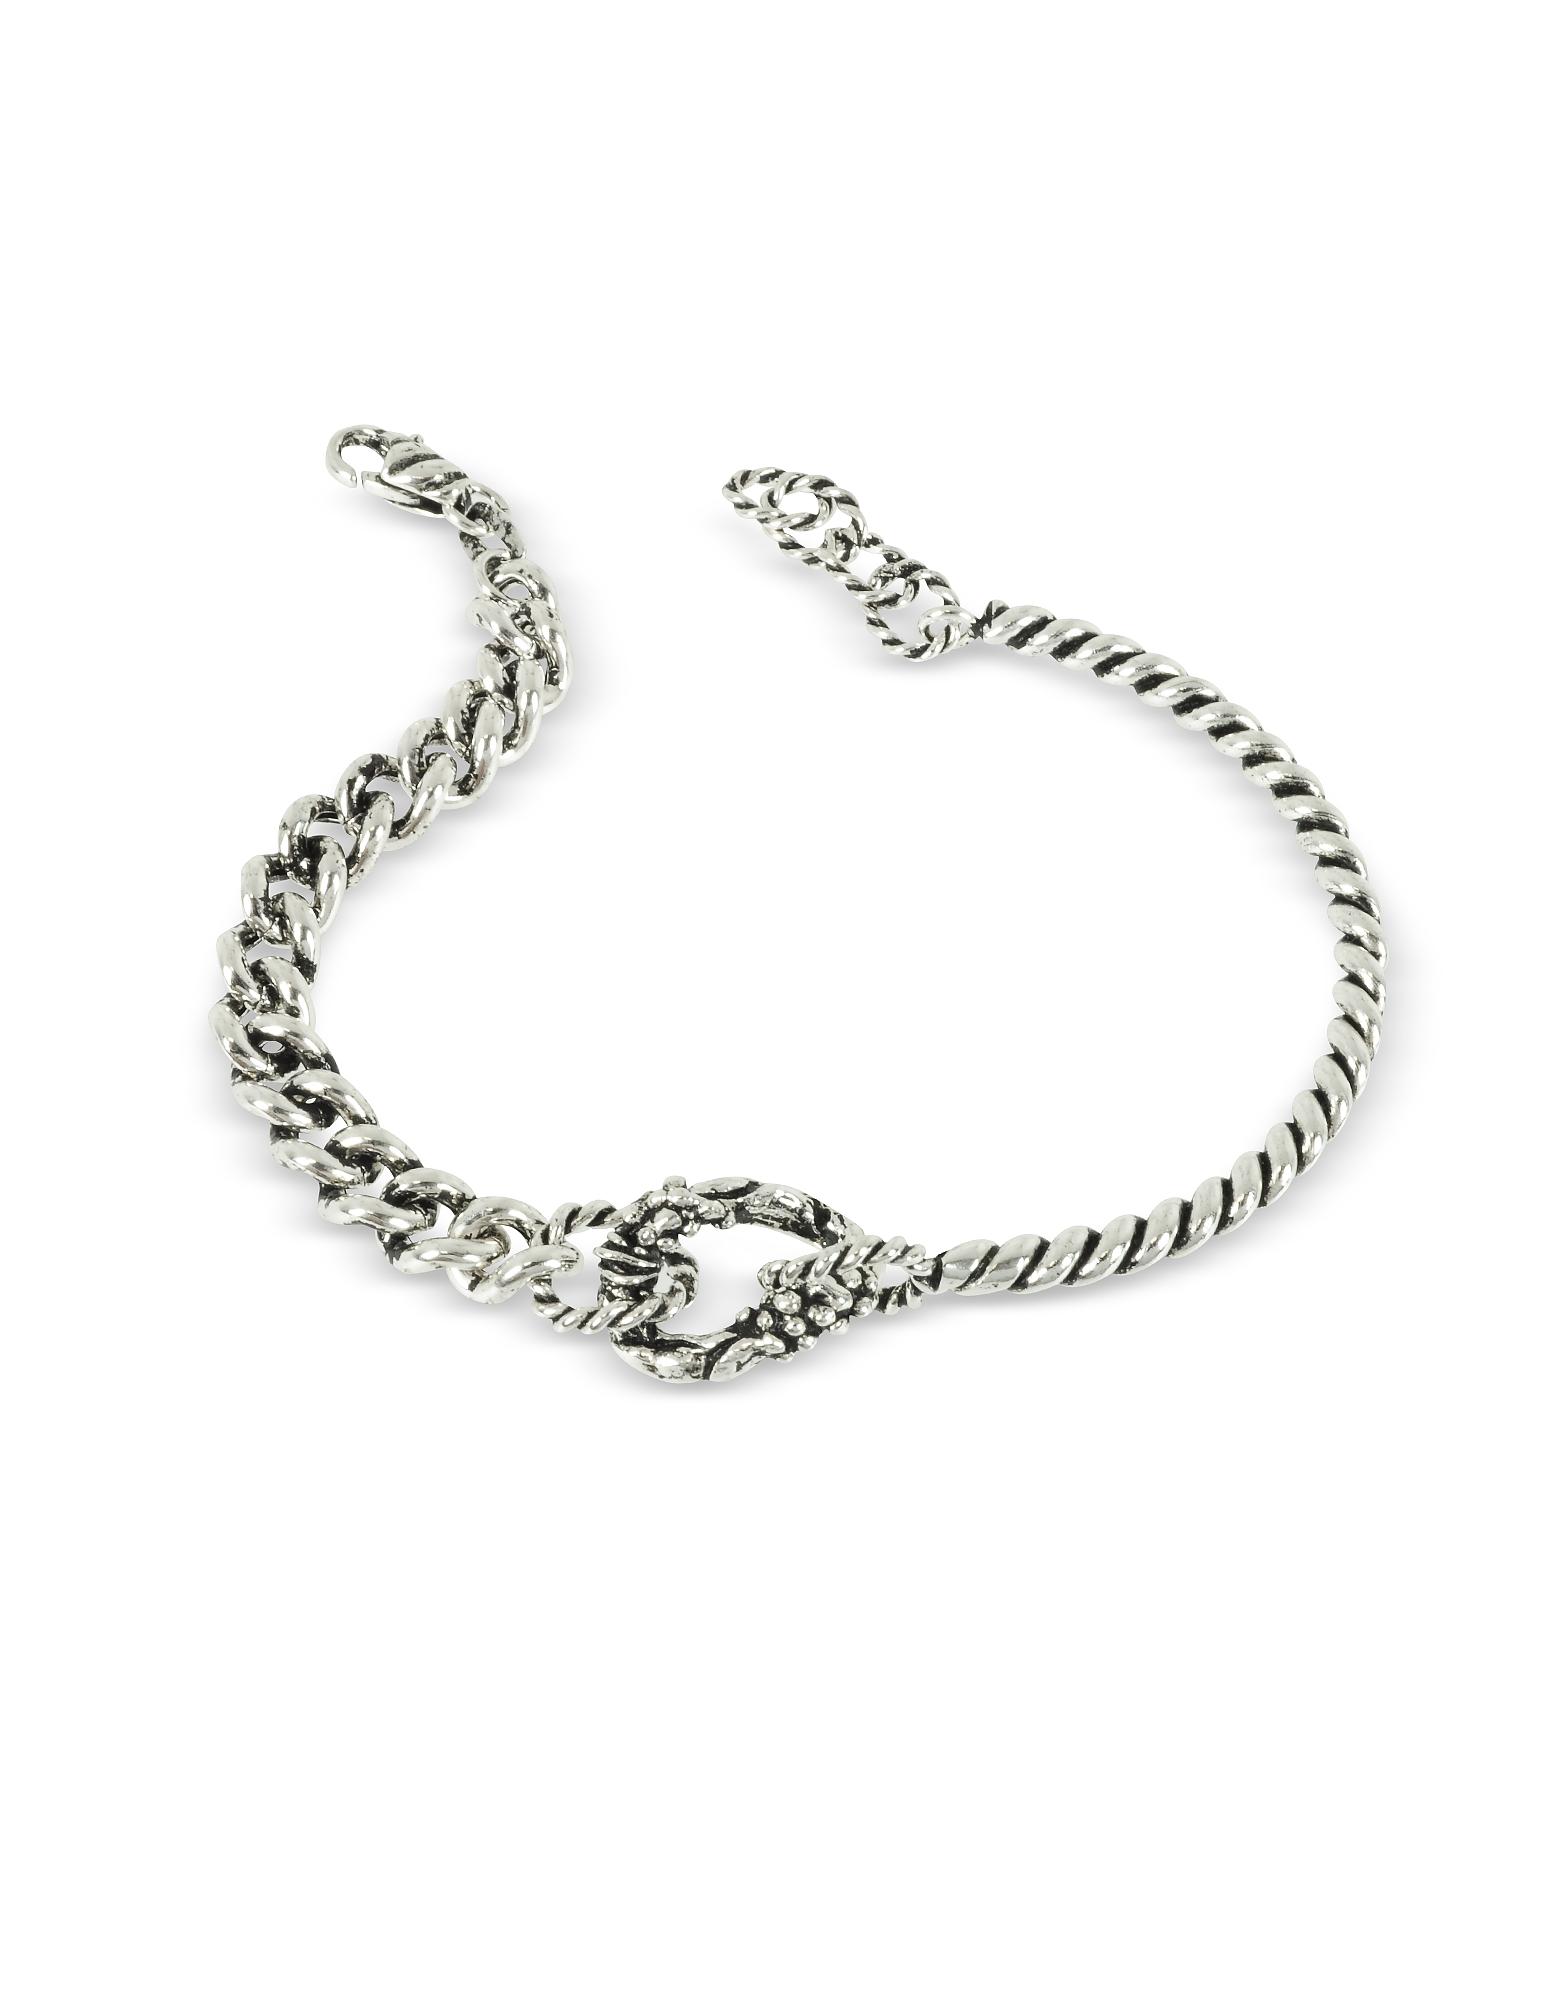 Giacomo Burroni Men's Bracelets, Semi Rigid Twisted Bracelet